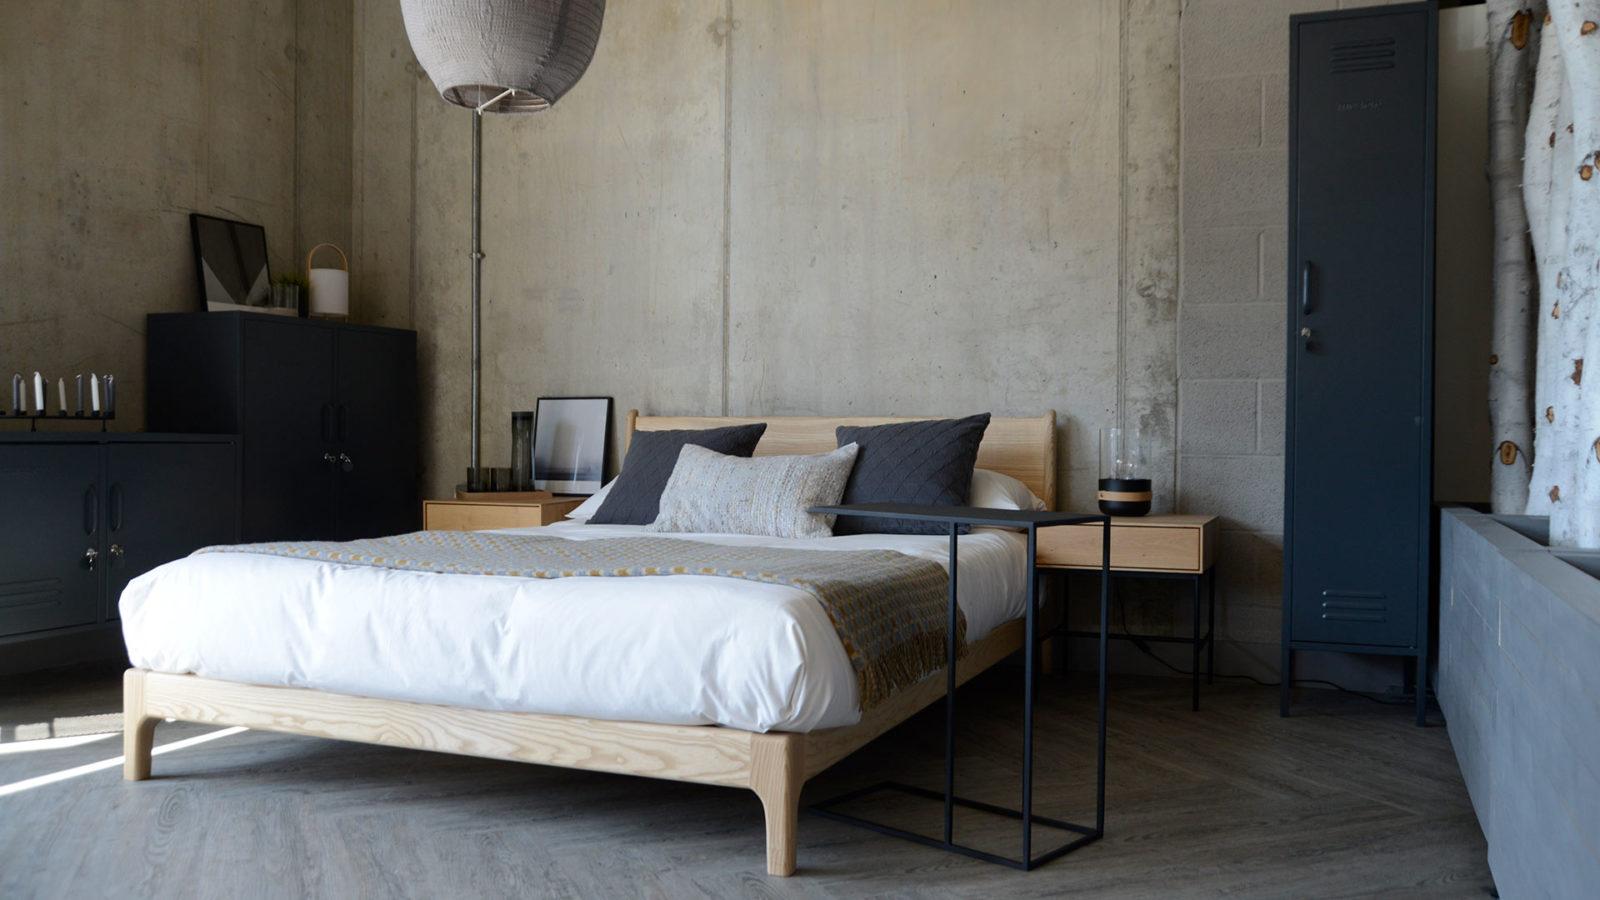 Industrial bedroom look - pale ash low bed with dark grey storage lockers